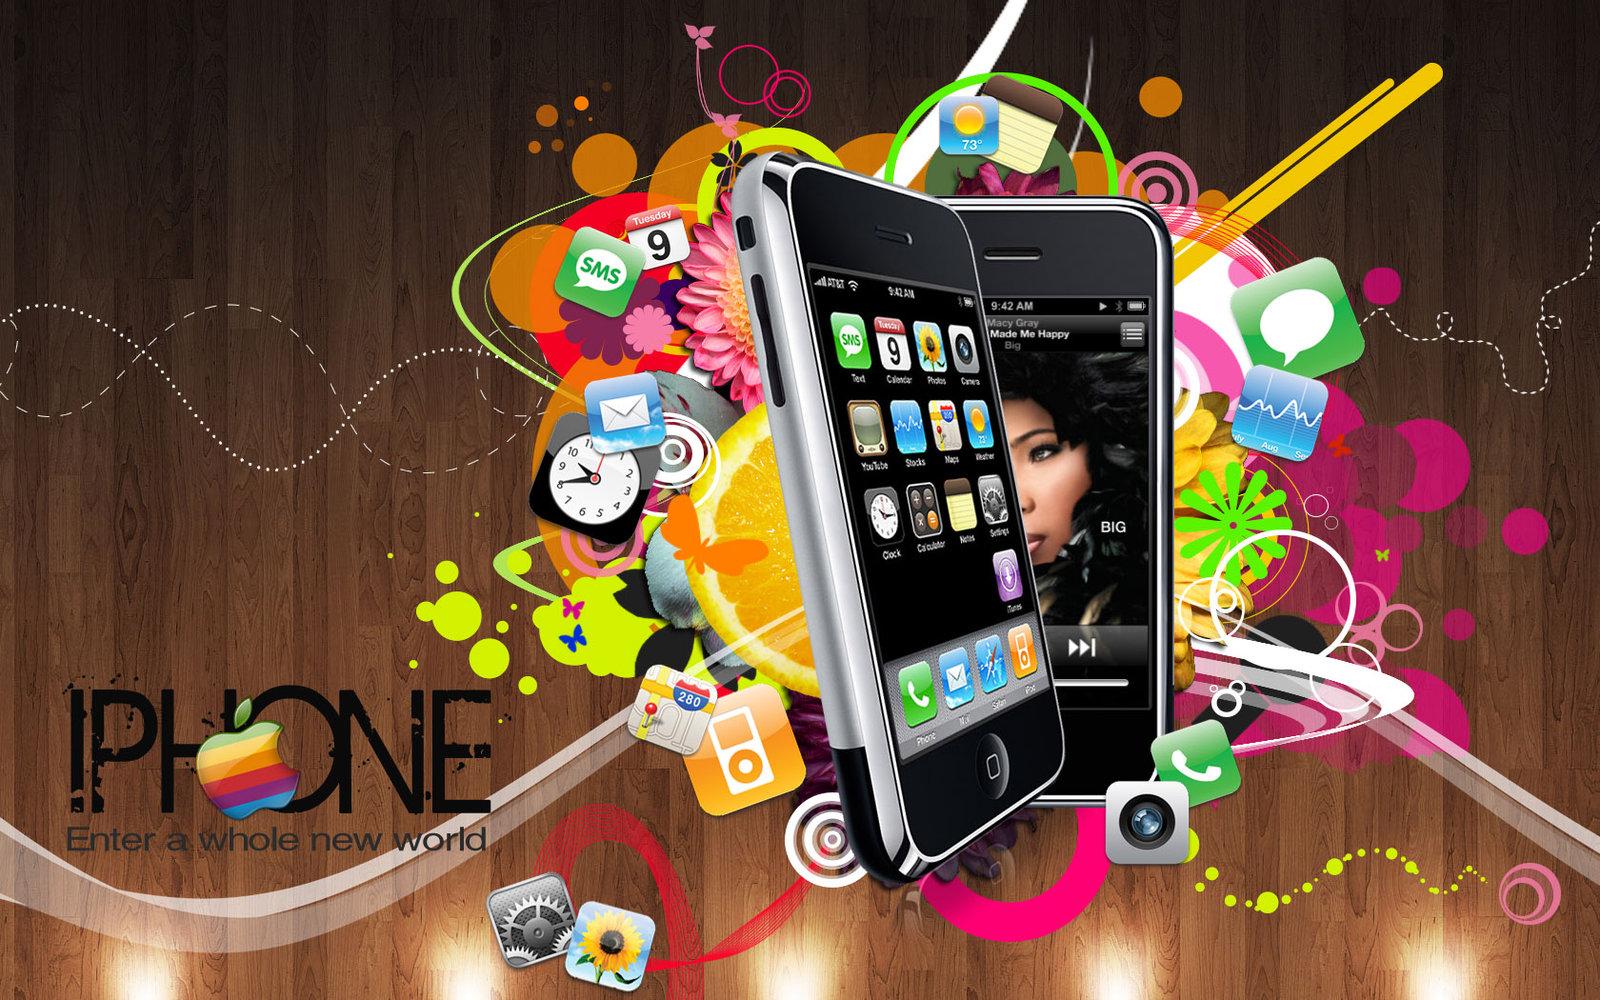 http://3.bp.blogspot.com/_23lBXMeDgHg/S7b1r81XhYI/AAAAAAAAAwA/213BDyKuiwk/s1600/iPhone_wallpaper_v1color_by_simoner.jpg